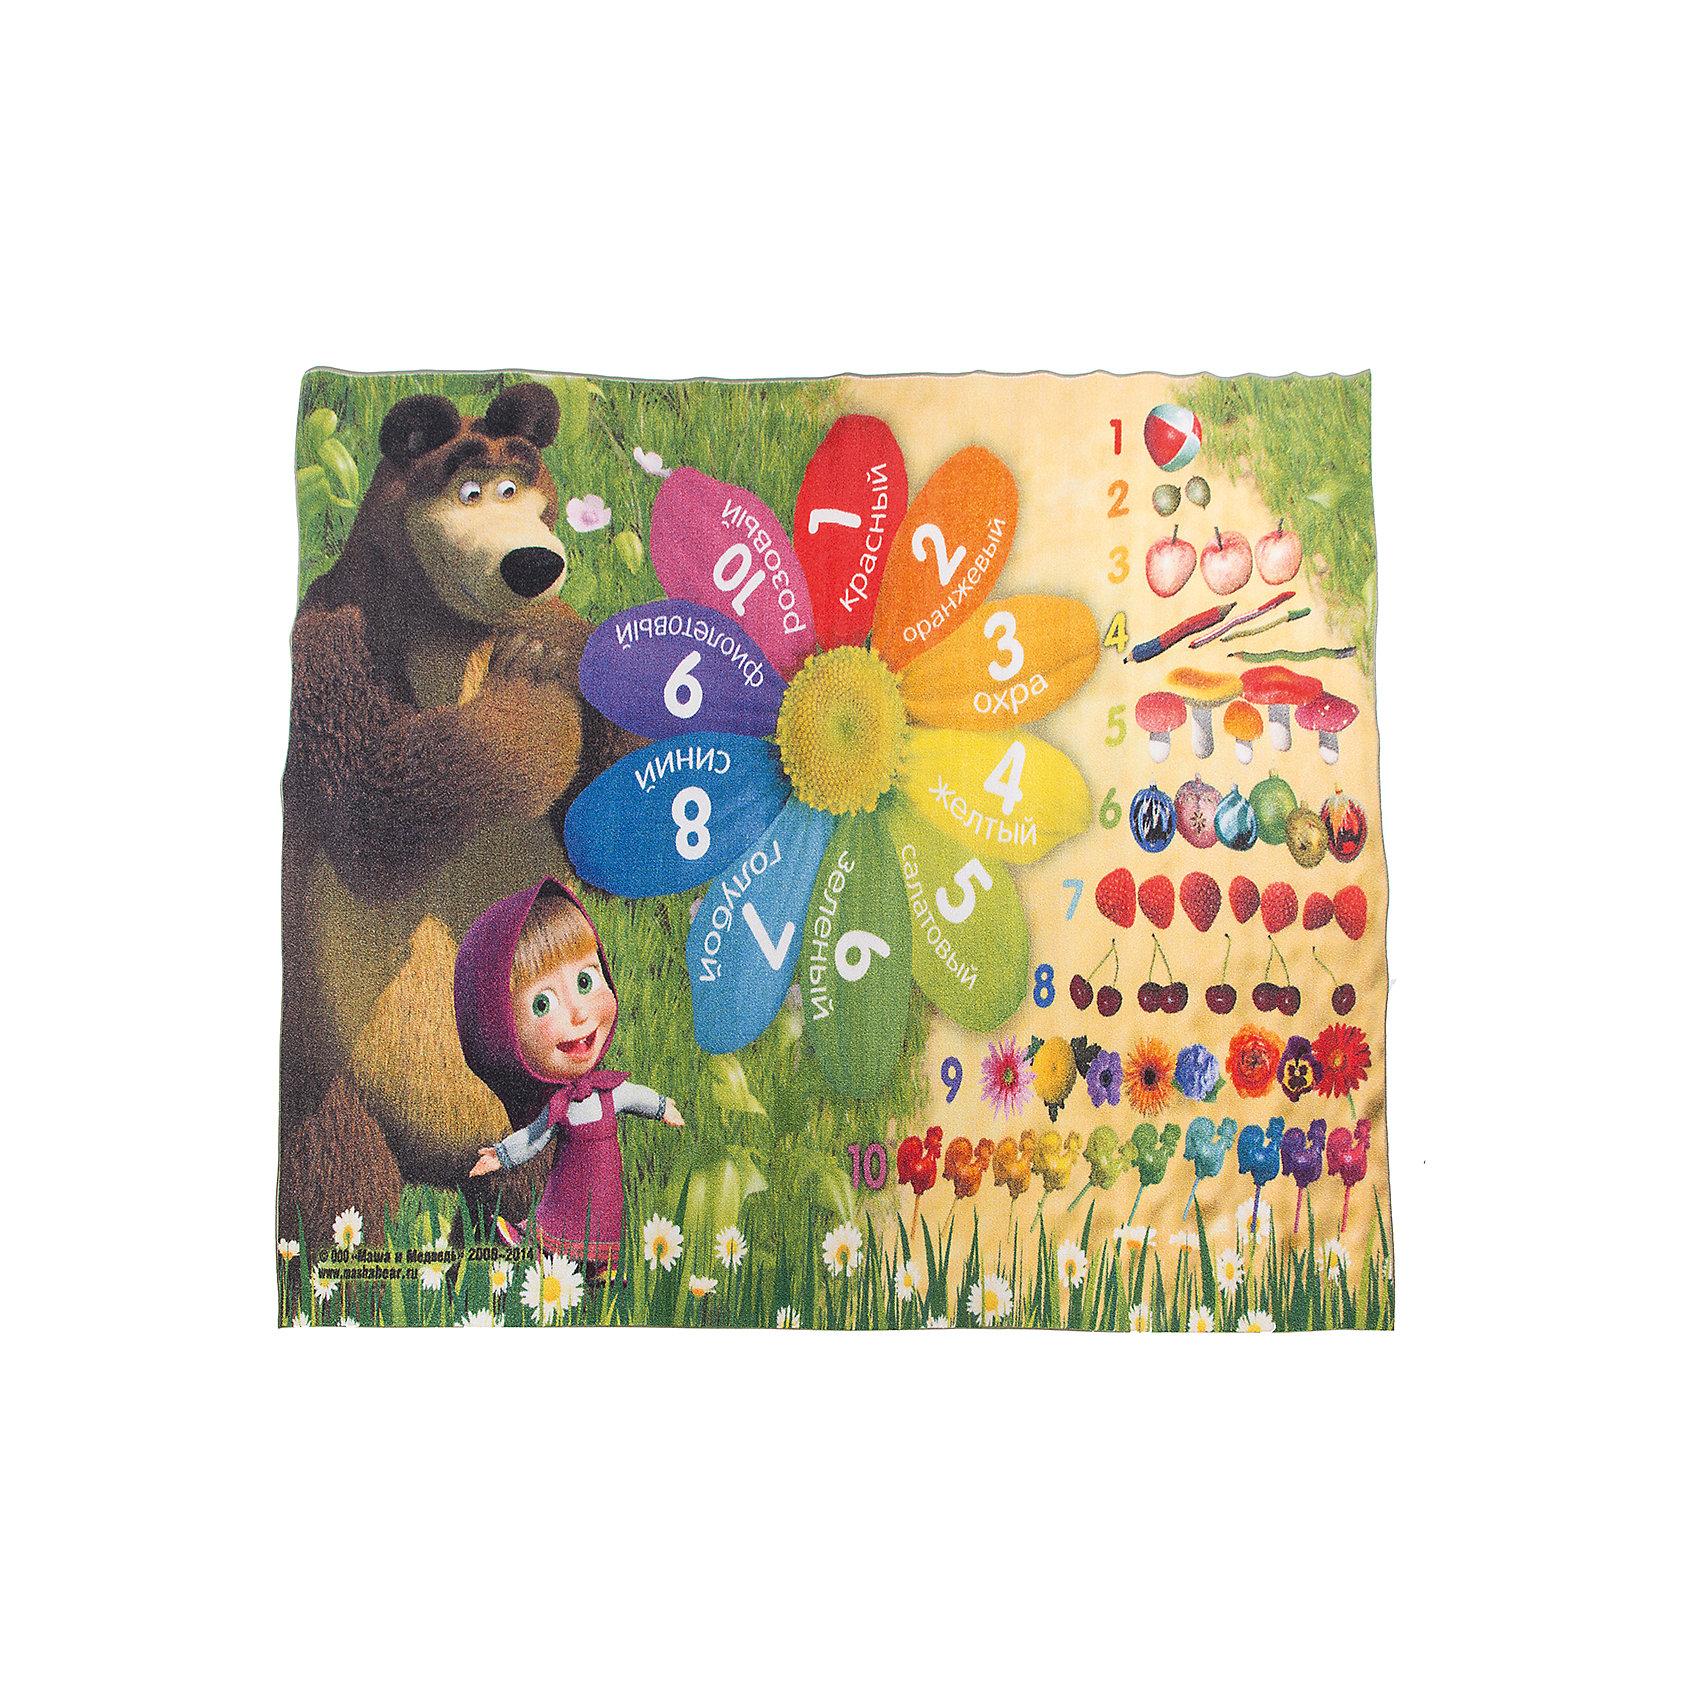 Ковер Цифры и счет 133*195 см, Маша и МедведьКовры<br>Ковер Цифры и счет 133*195 см, Маша и Медведь – яркий развивающий ковер, за которым легко ухаживать сделает уютной комнату вашего ребенка.<br>Красочный ковер «Цифры и счет» с героями мультсериала «Маша и Медведь» не только украсит комнату вашего ребенка, но и в игровой форме познакомит с цифрами, цветом и поможет овладеть первоначальными навыками счета. Качественный яркий рисунок детского ковра не выгорает, устойчив к истиранию. Ковер очень практичный, изготовлен из безопасных и высококачественных синтетических материалов. Пыль и грязь не забивается глубоко внутрь ворса, что существенно облегчает уход за изделием, а латексная основа не скользит по полу. По краям ковер аккуратно обшит. Небольшой вес позволит без труда перемещать ковер в разные места комнаты и легко производить уборку под ковром.<br><br>Дополнительная информация:<br><br>- Размер: 133х195 см.<br>- Высота ворса: 5 мм.<br>- Вес ковра: 1,3 кг/м2<br>- Плотность ворса: 290000 точек на м?<br>- Состав ворса: 100% полиамид<br>- Состав основы: гелиевая<br>- Цвет: разноцветный<br>- Вид производства: машинное<br><br>Ковер Цифры и счет 133*195 см, Маша и Медведь можно купить в нашем интернет-магазине.<br><br>Ширина мм: 300<br>Глубина мм: 300<br>Высота мм: 1330<br>Вес г: 3112<br>Цвет: разноцветный<br>Возраст от месяцев: 36<br>Возраст до месяцев: 120<br>Пол: Унисекс<br>Возраст: Детский<br>SKU: 4466029